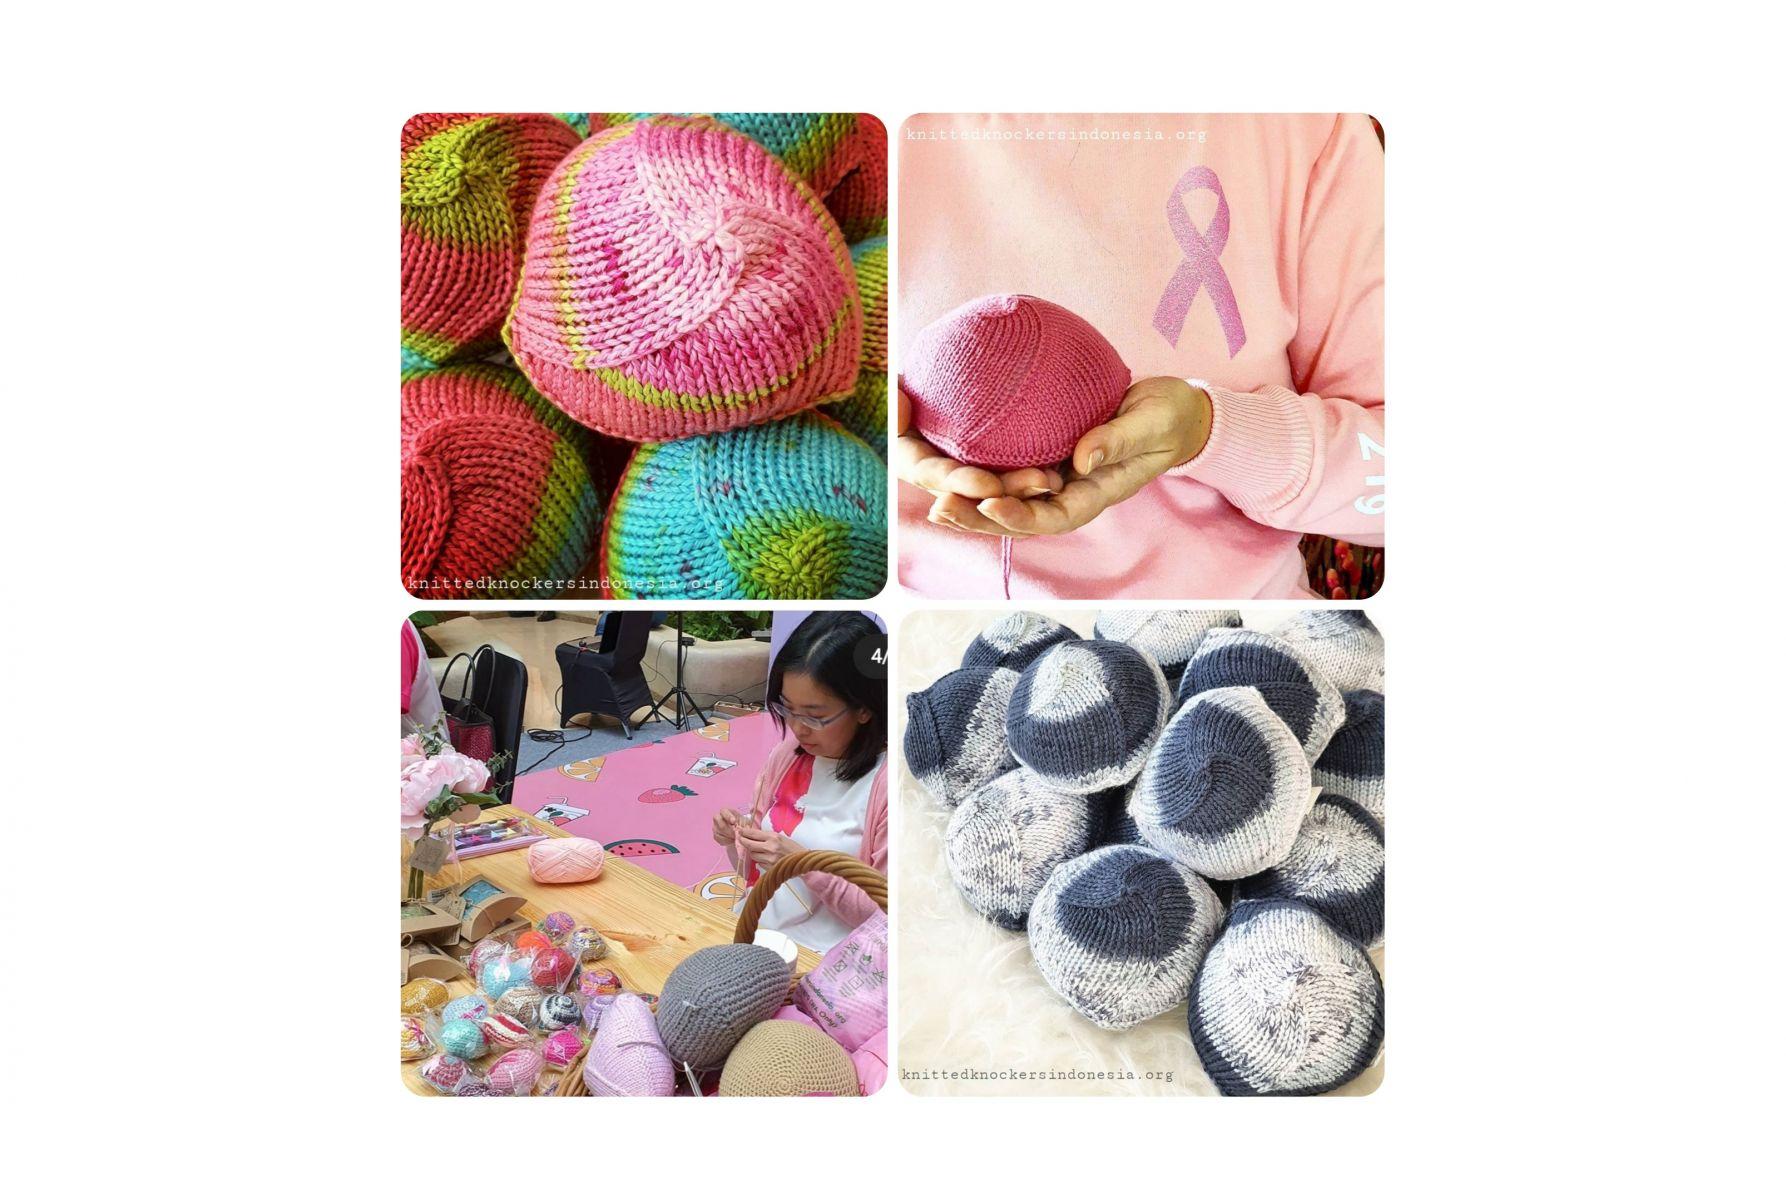 Instagram @knittedknockersindonesia